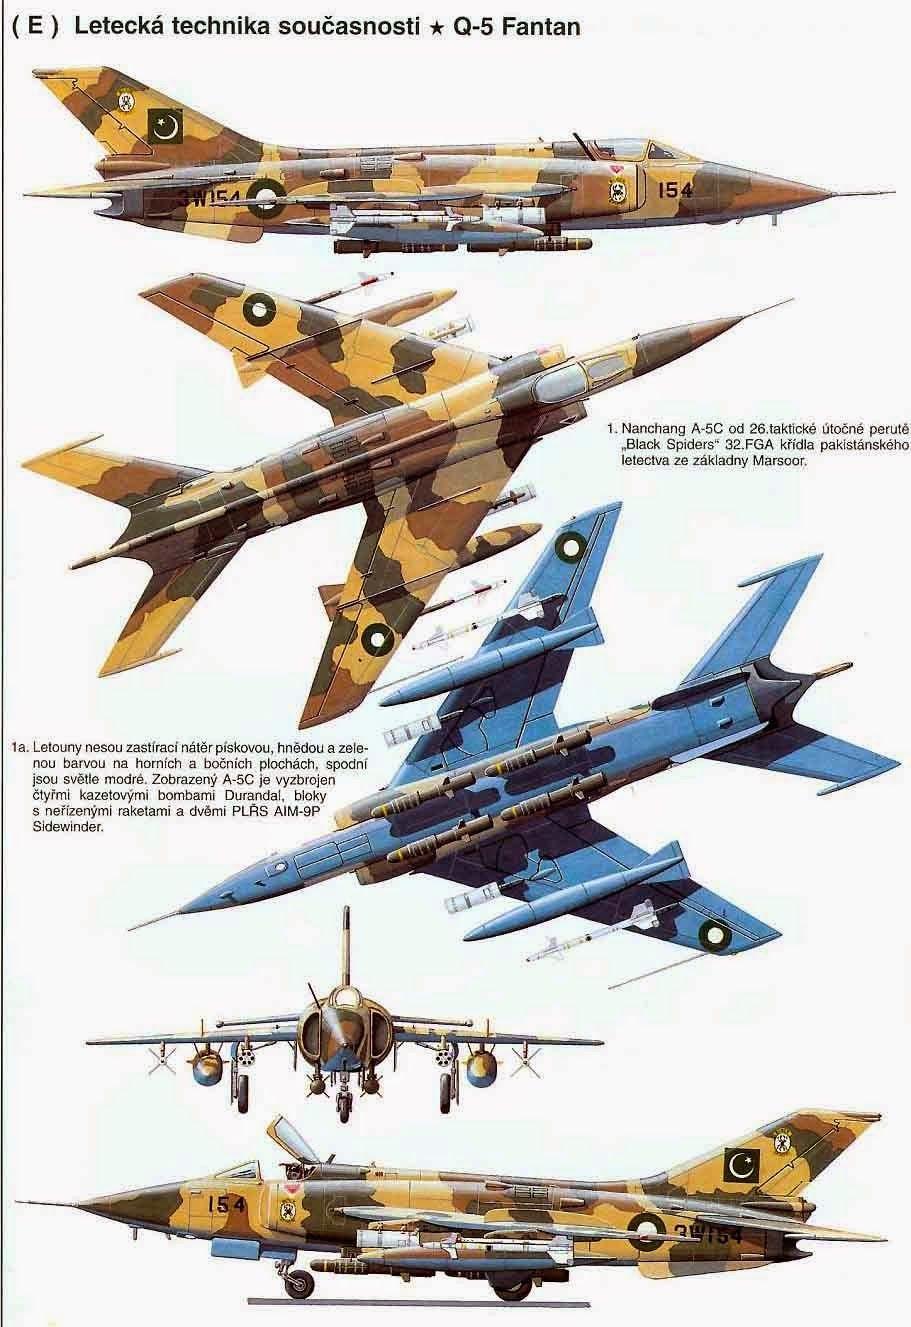 Tipo Avin De Ataque A Tierra Fabricante Hongdu Primer Vuelo 4 Julio 1965 Introducido 1970 Estado En Servicio Generacin